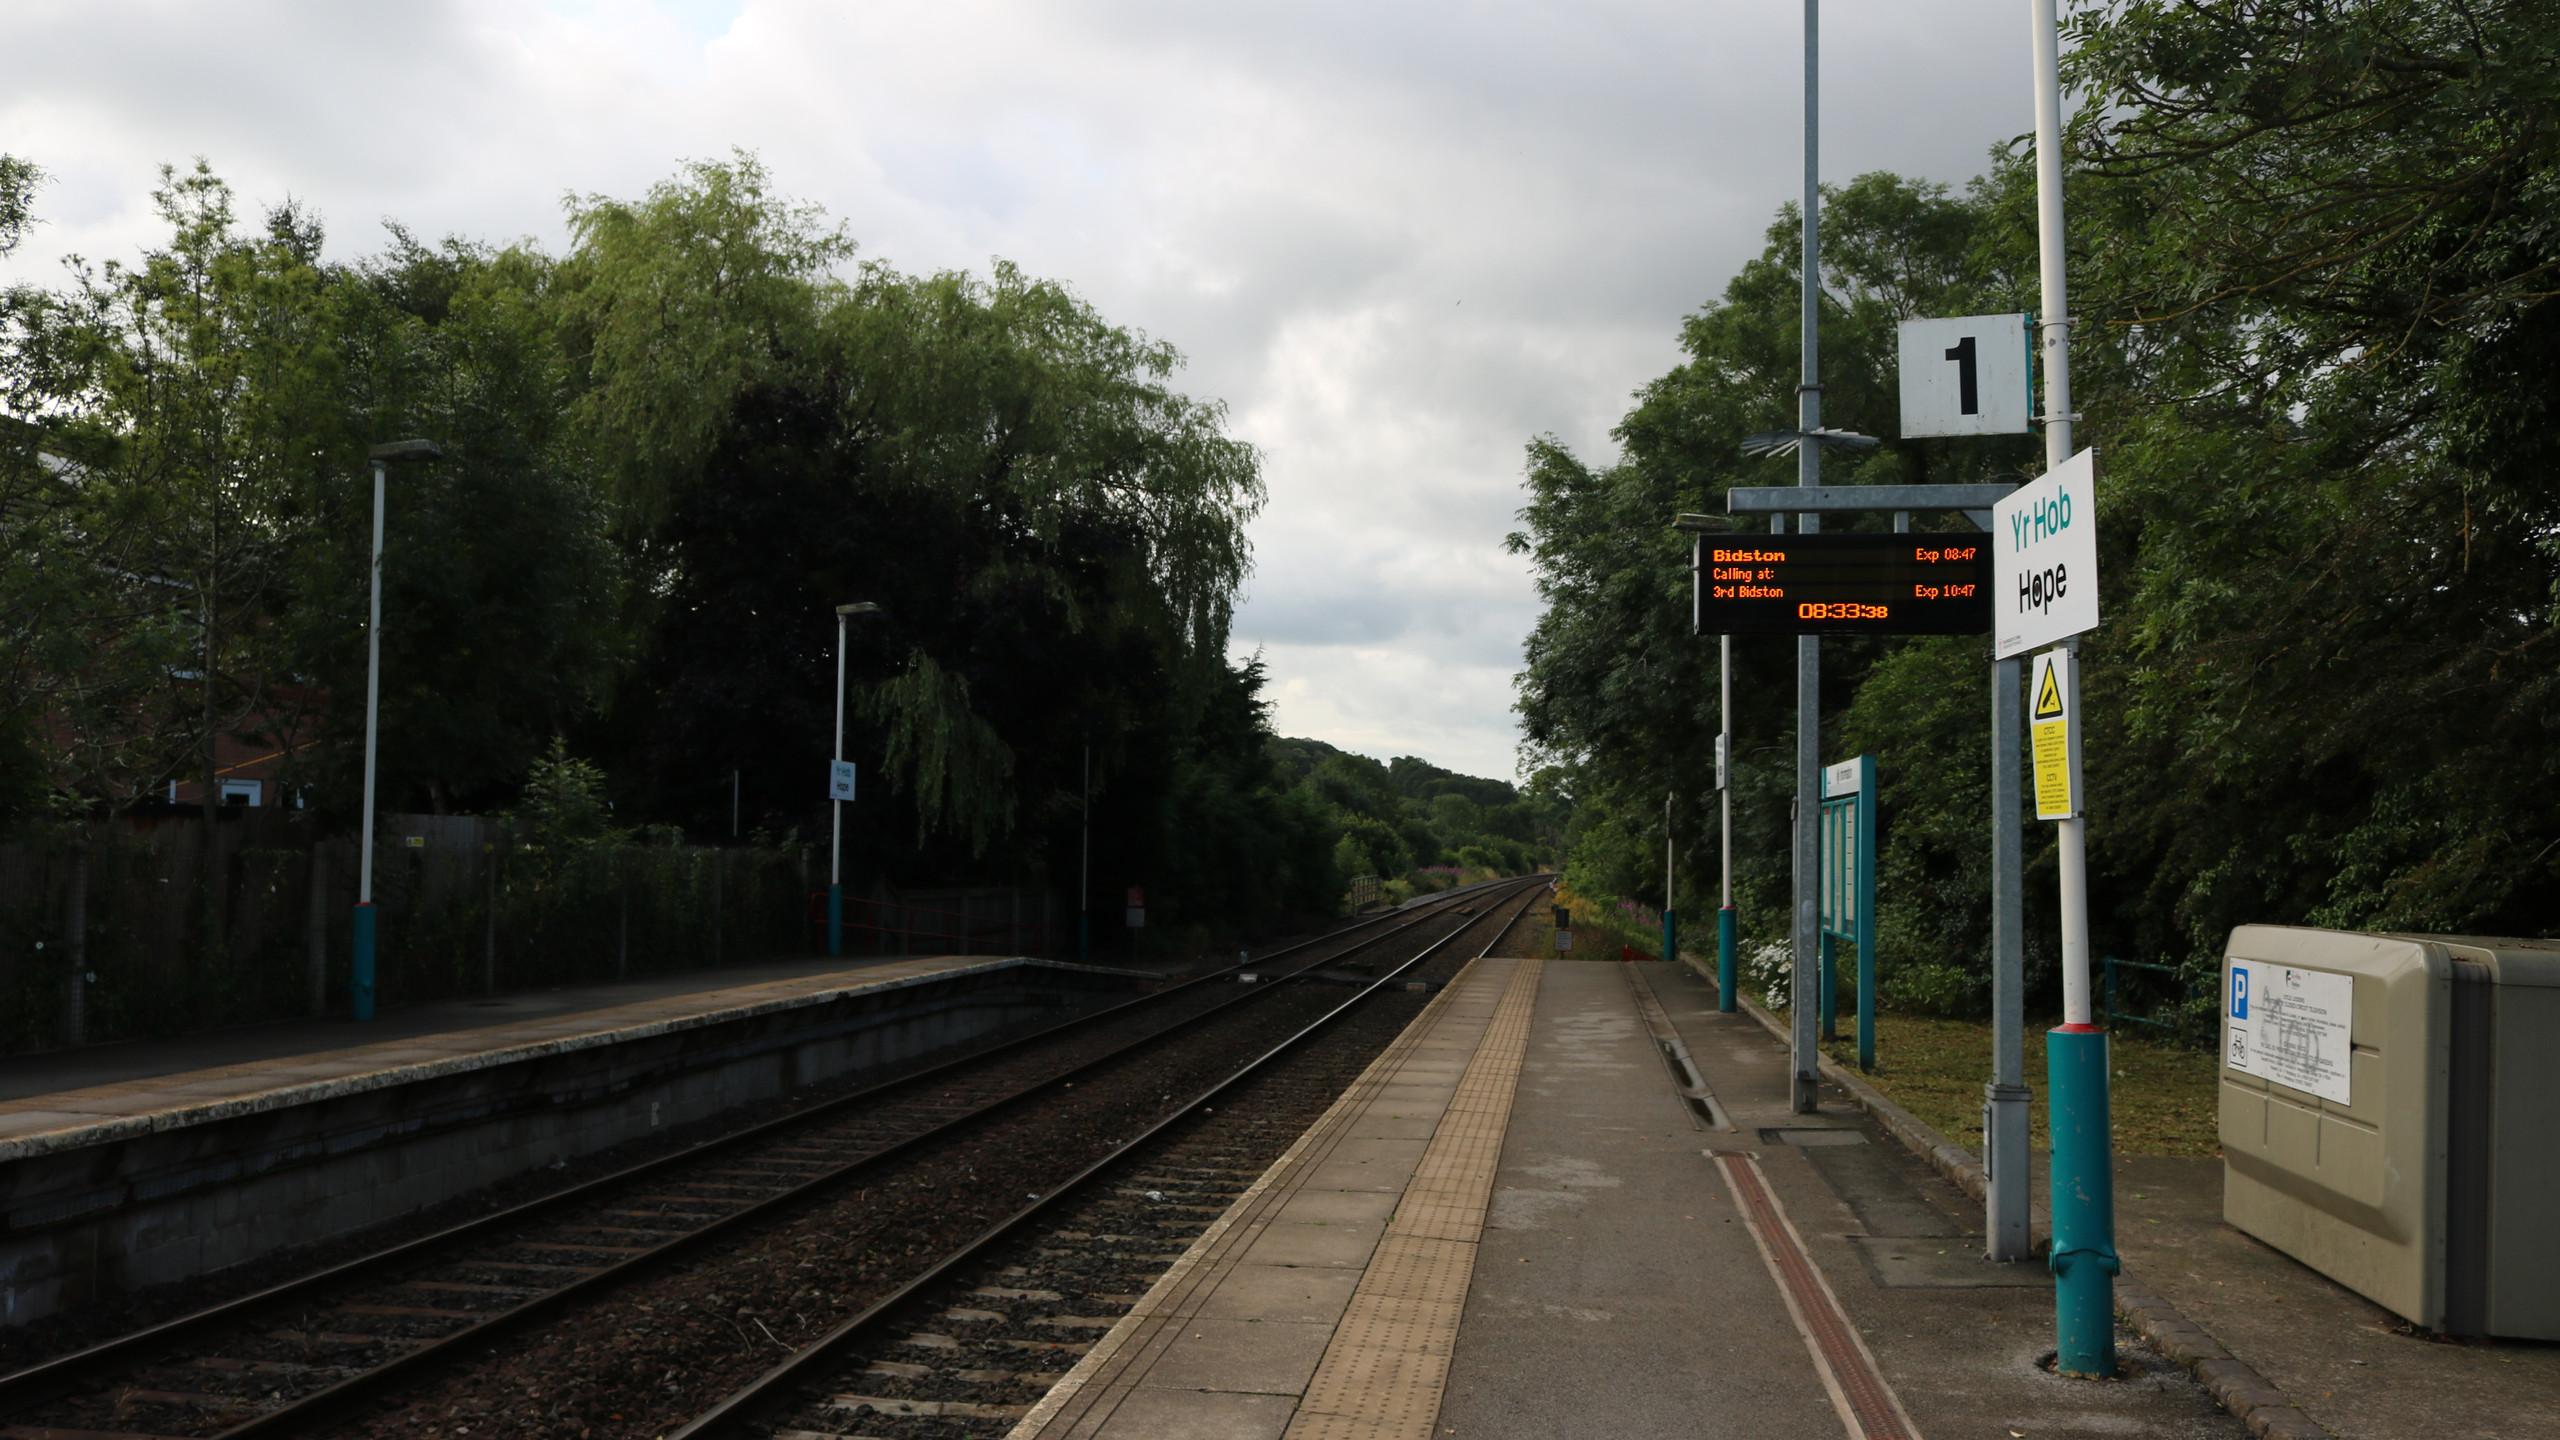 Hope (Flintshire) from the northbound platform